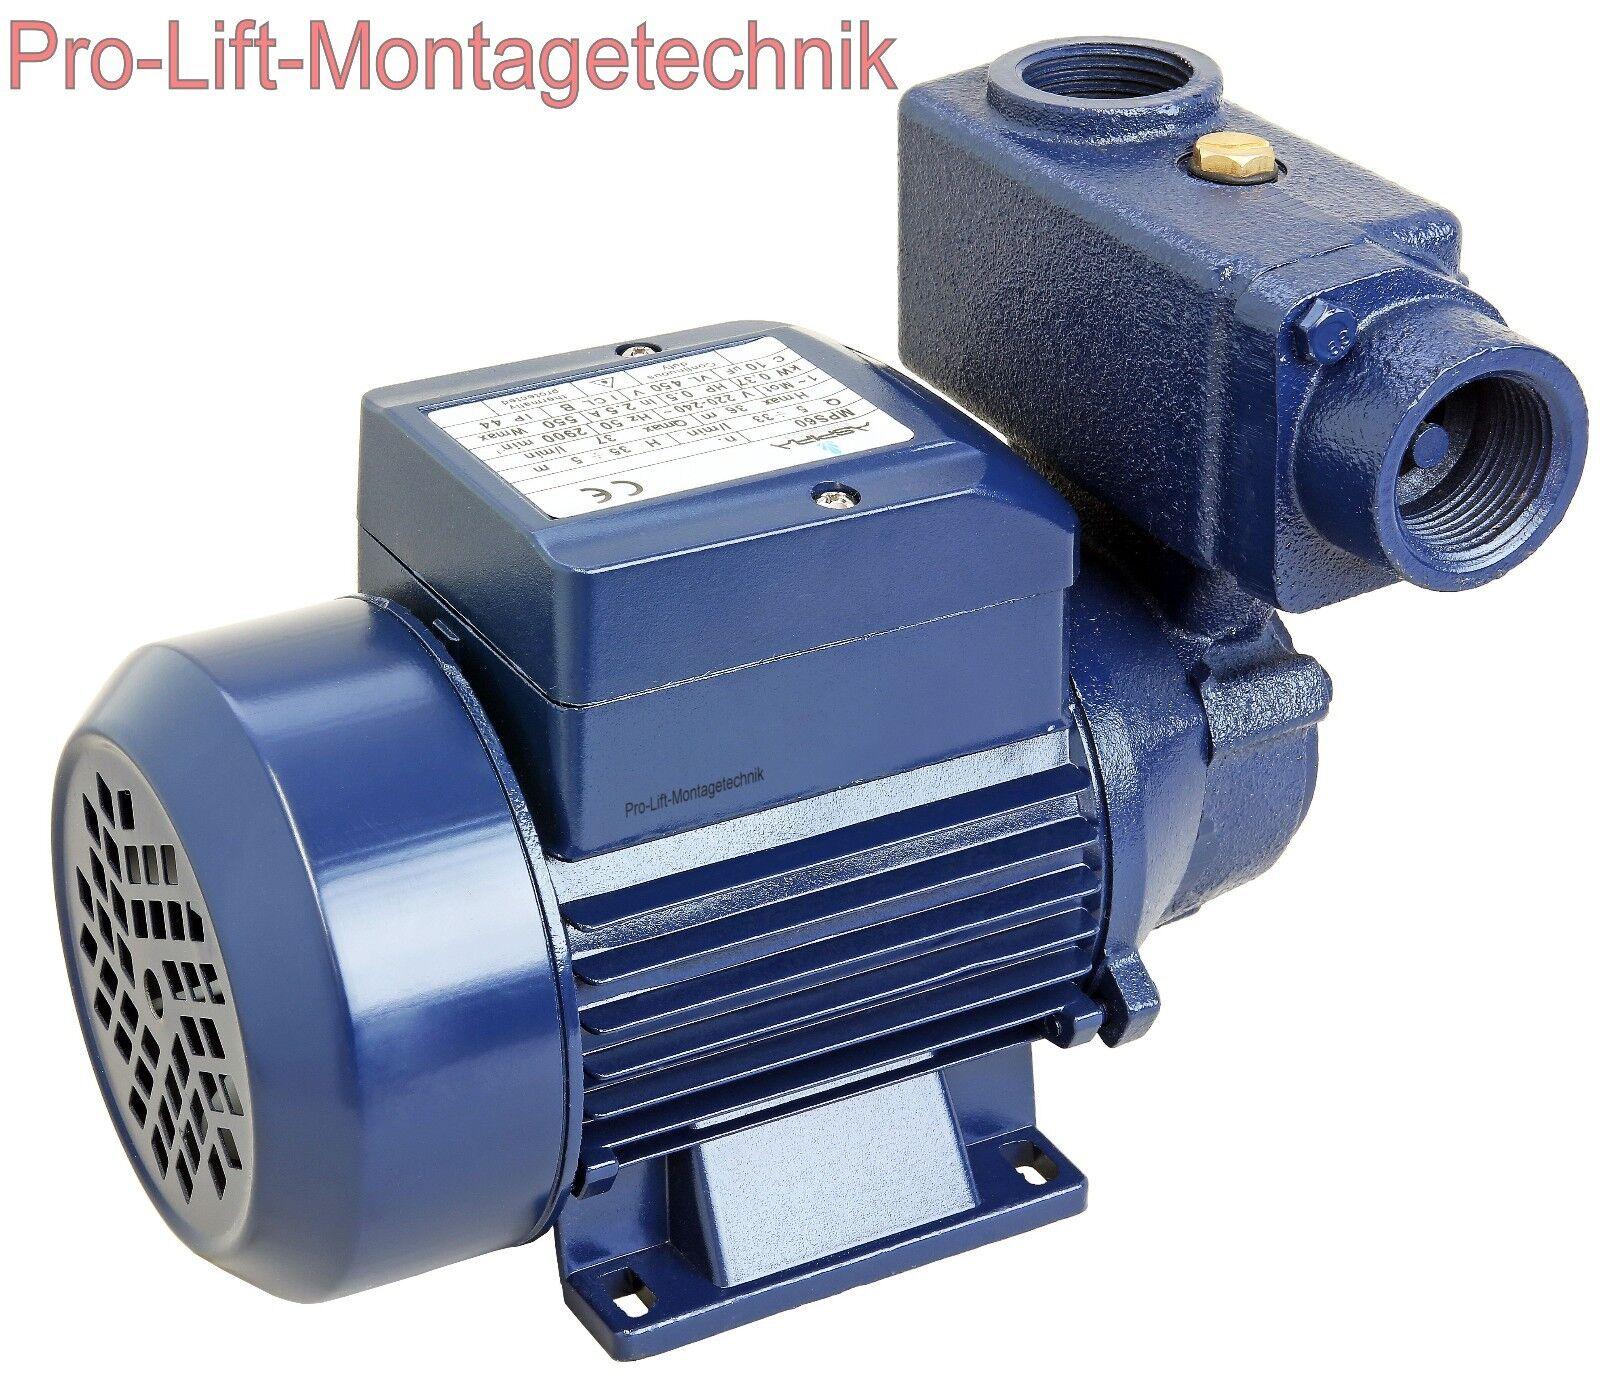 370w POMPA ACQUA AUTOADESCANTE 230v acqua domestica pompa pozzo di fabbrica mps60j 02018